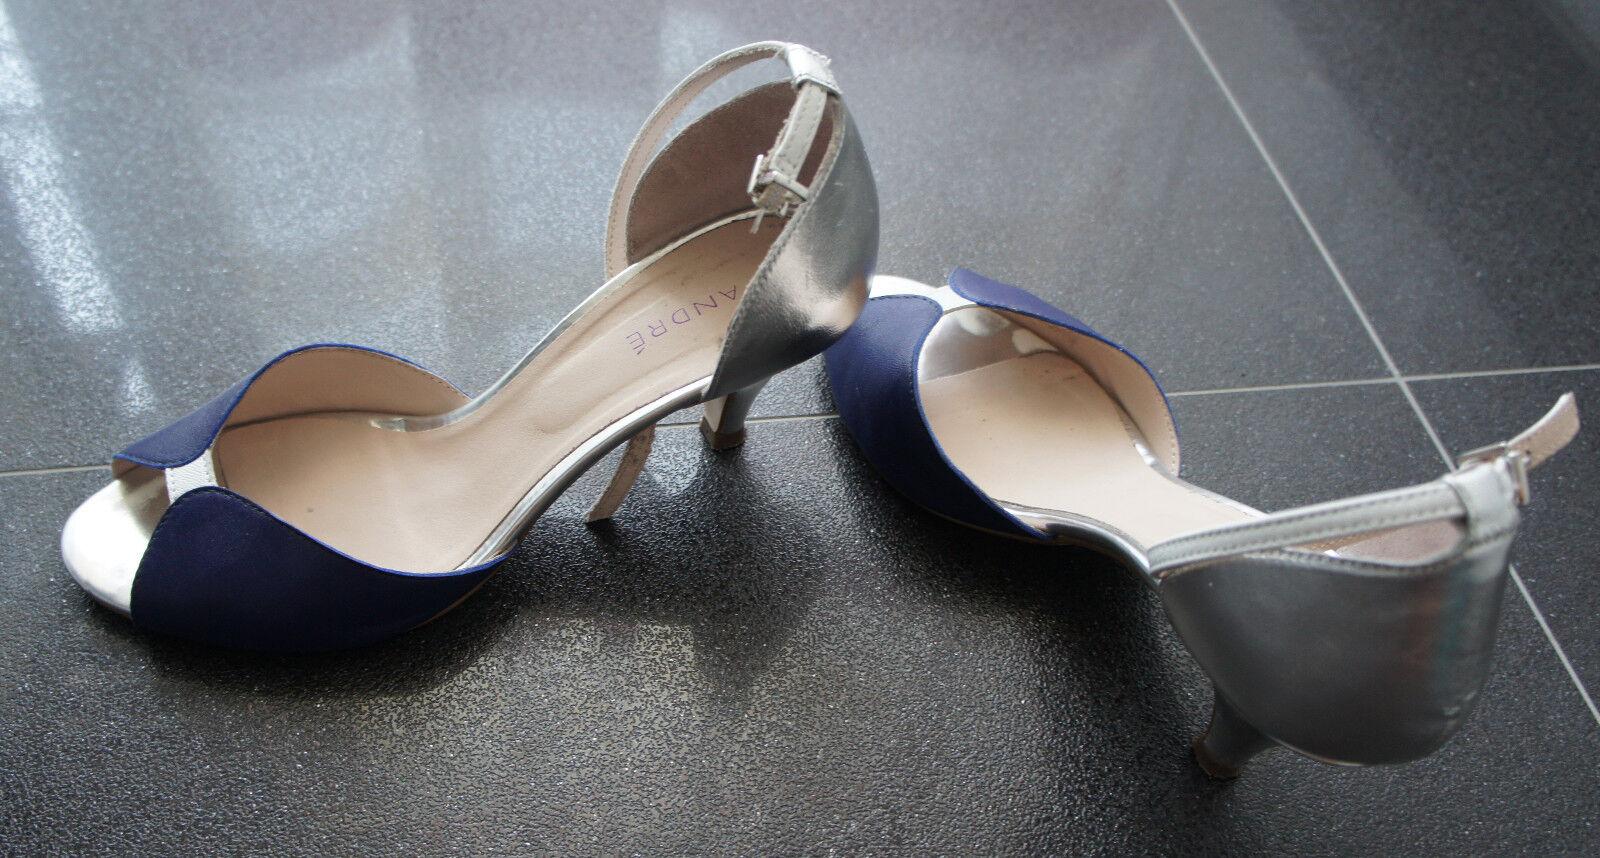 Muy bonitos zapatos señora zapatos de salón, salón, salón, V. andre talla 39 Top 3bdb37